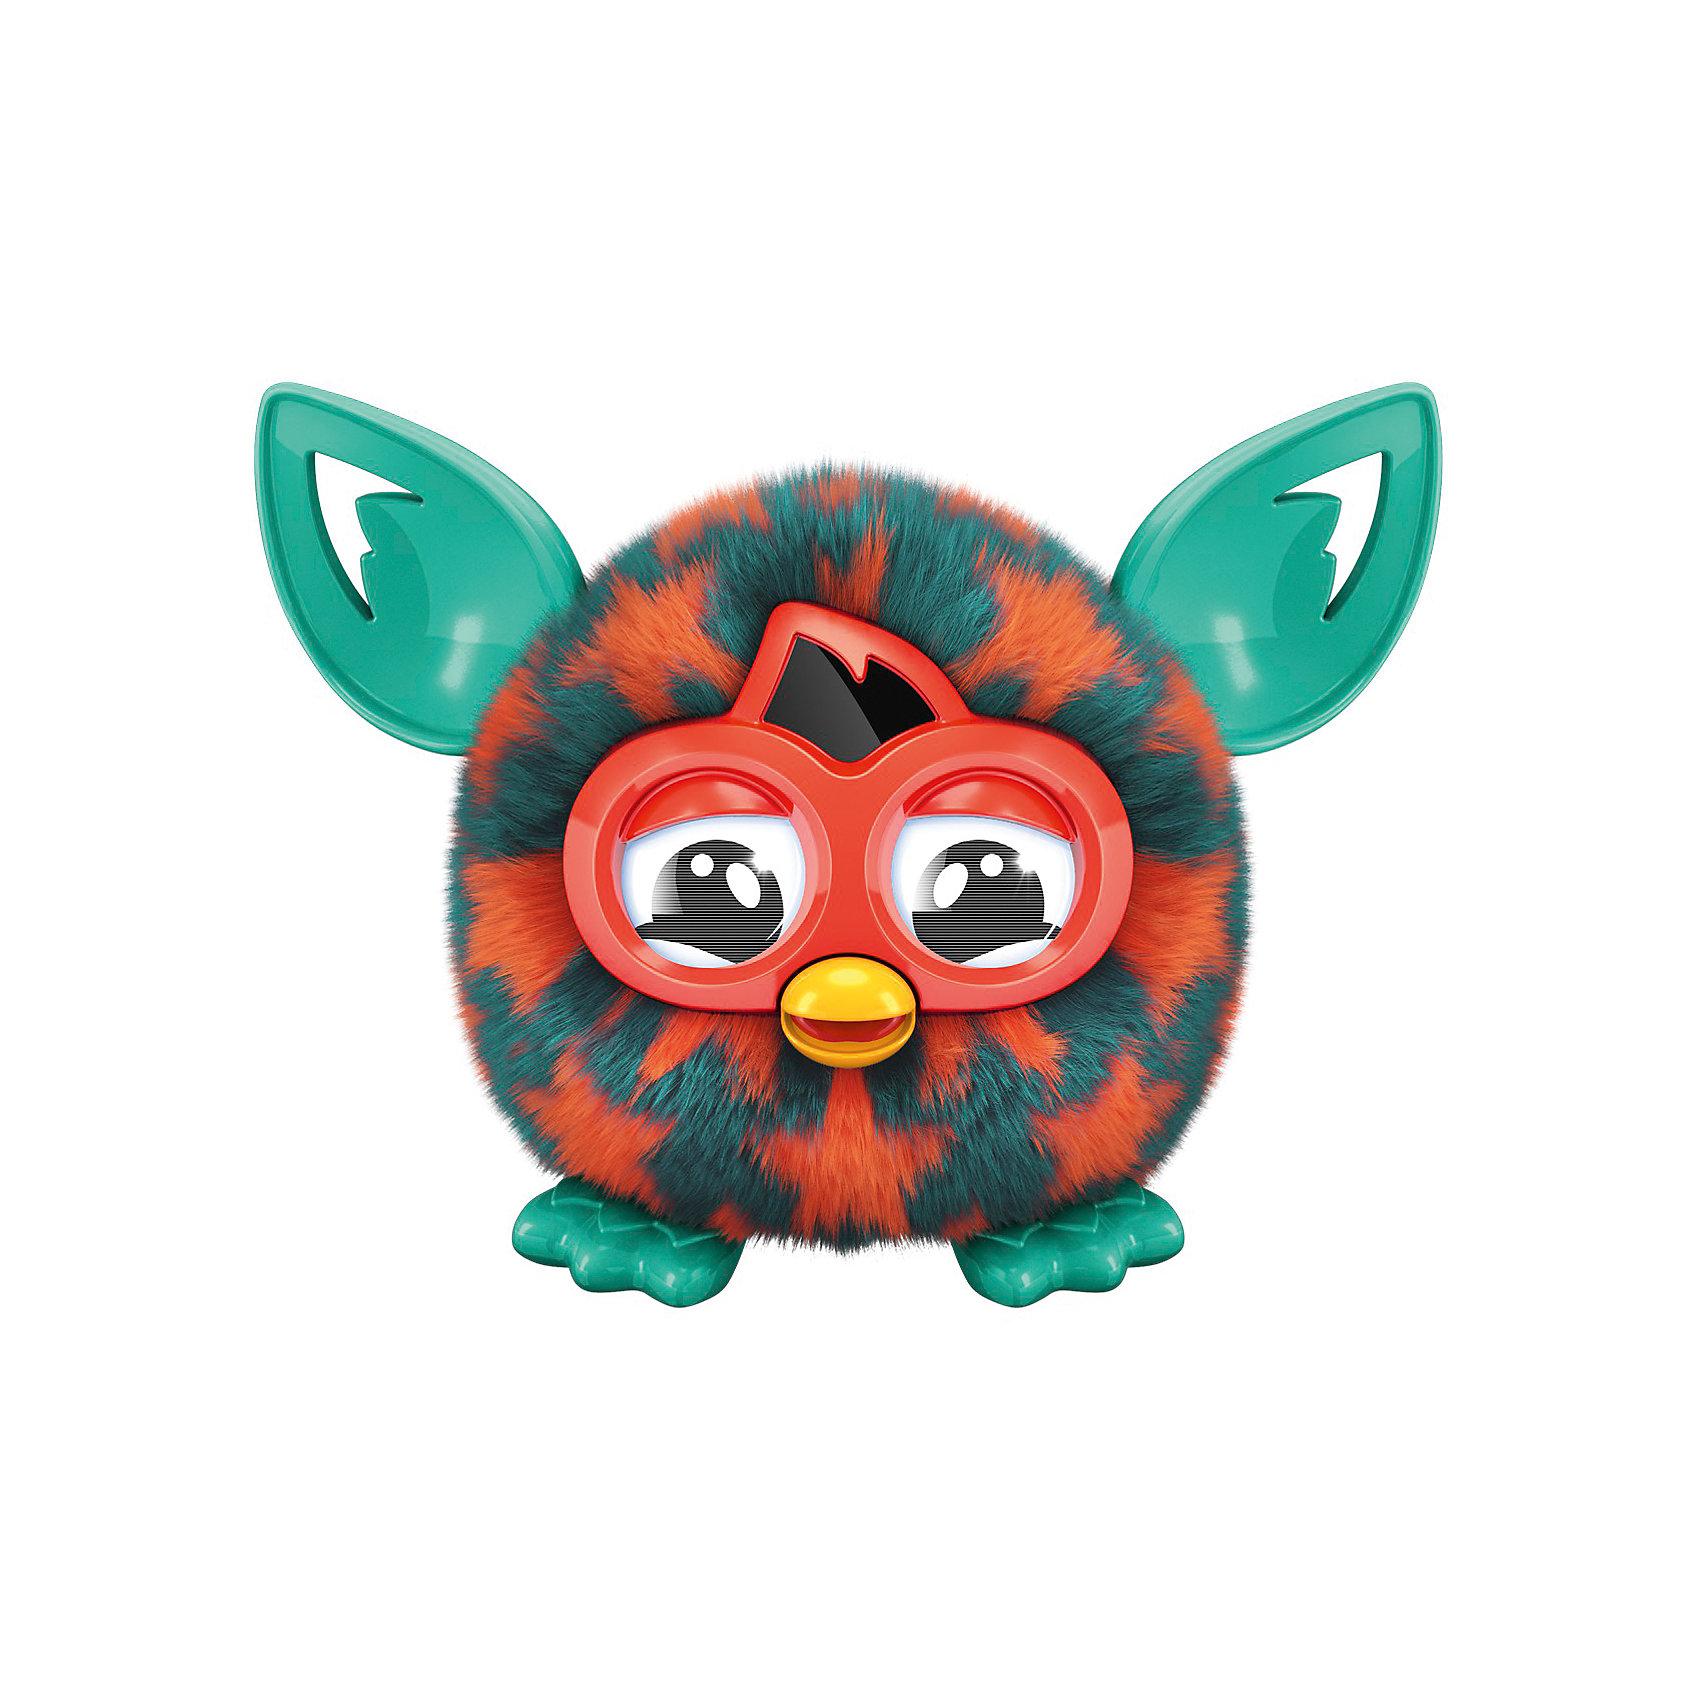 Ферблинг, Furby, A7453/A6100Новые малыши ферблинги из приложения FurbyBoom (Ферби Бум) теперь доступны не только на экране смартфона или планшета. Ферблинг имеет мягкую приятную на ощупь шерстку, большие выразительные глаза. Малыш умеет весело смеяться, петь, танцевать и разговаривать. Они могут общаться со взрослым ферби, забавно взаимодействуя со своими старшими товарищами или же быть самостоятельными маленькими питомцами. Забавный малыш - ферблинг станет прекрасным другом вашему ребенку, принесет ему много приятных эмоций и улыбок. <br><br>Дополнительная информация:<br><br>- Материал: мех, пластик.<br>- Размер: 15х13х8 см.<br>- Комплектация: игрушка, батарейки, инструкция. <br>- Элемент питания: батарейки АА 3 шт. (в комплекте).<br><br>Ферблинга, Furby, (Ферби)  можно купить в нашем магазине.<br><br>Ширина мм: 80<br>Глубина мм: 130<br>Высота мм: 150<br>Вес г: 191<br>Возраст от месяцев: 72<br>Возраст до месяцев: 1188<br>Пол: Унисекс<br>Возраст: Детский<br>SKU: 4563940